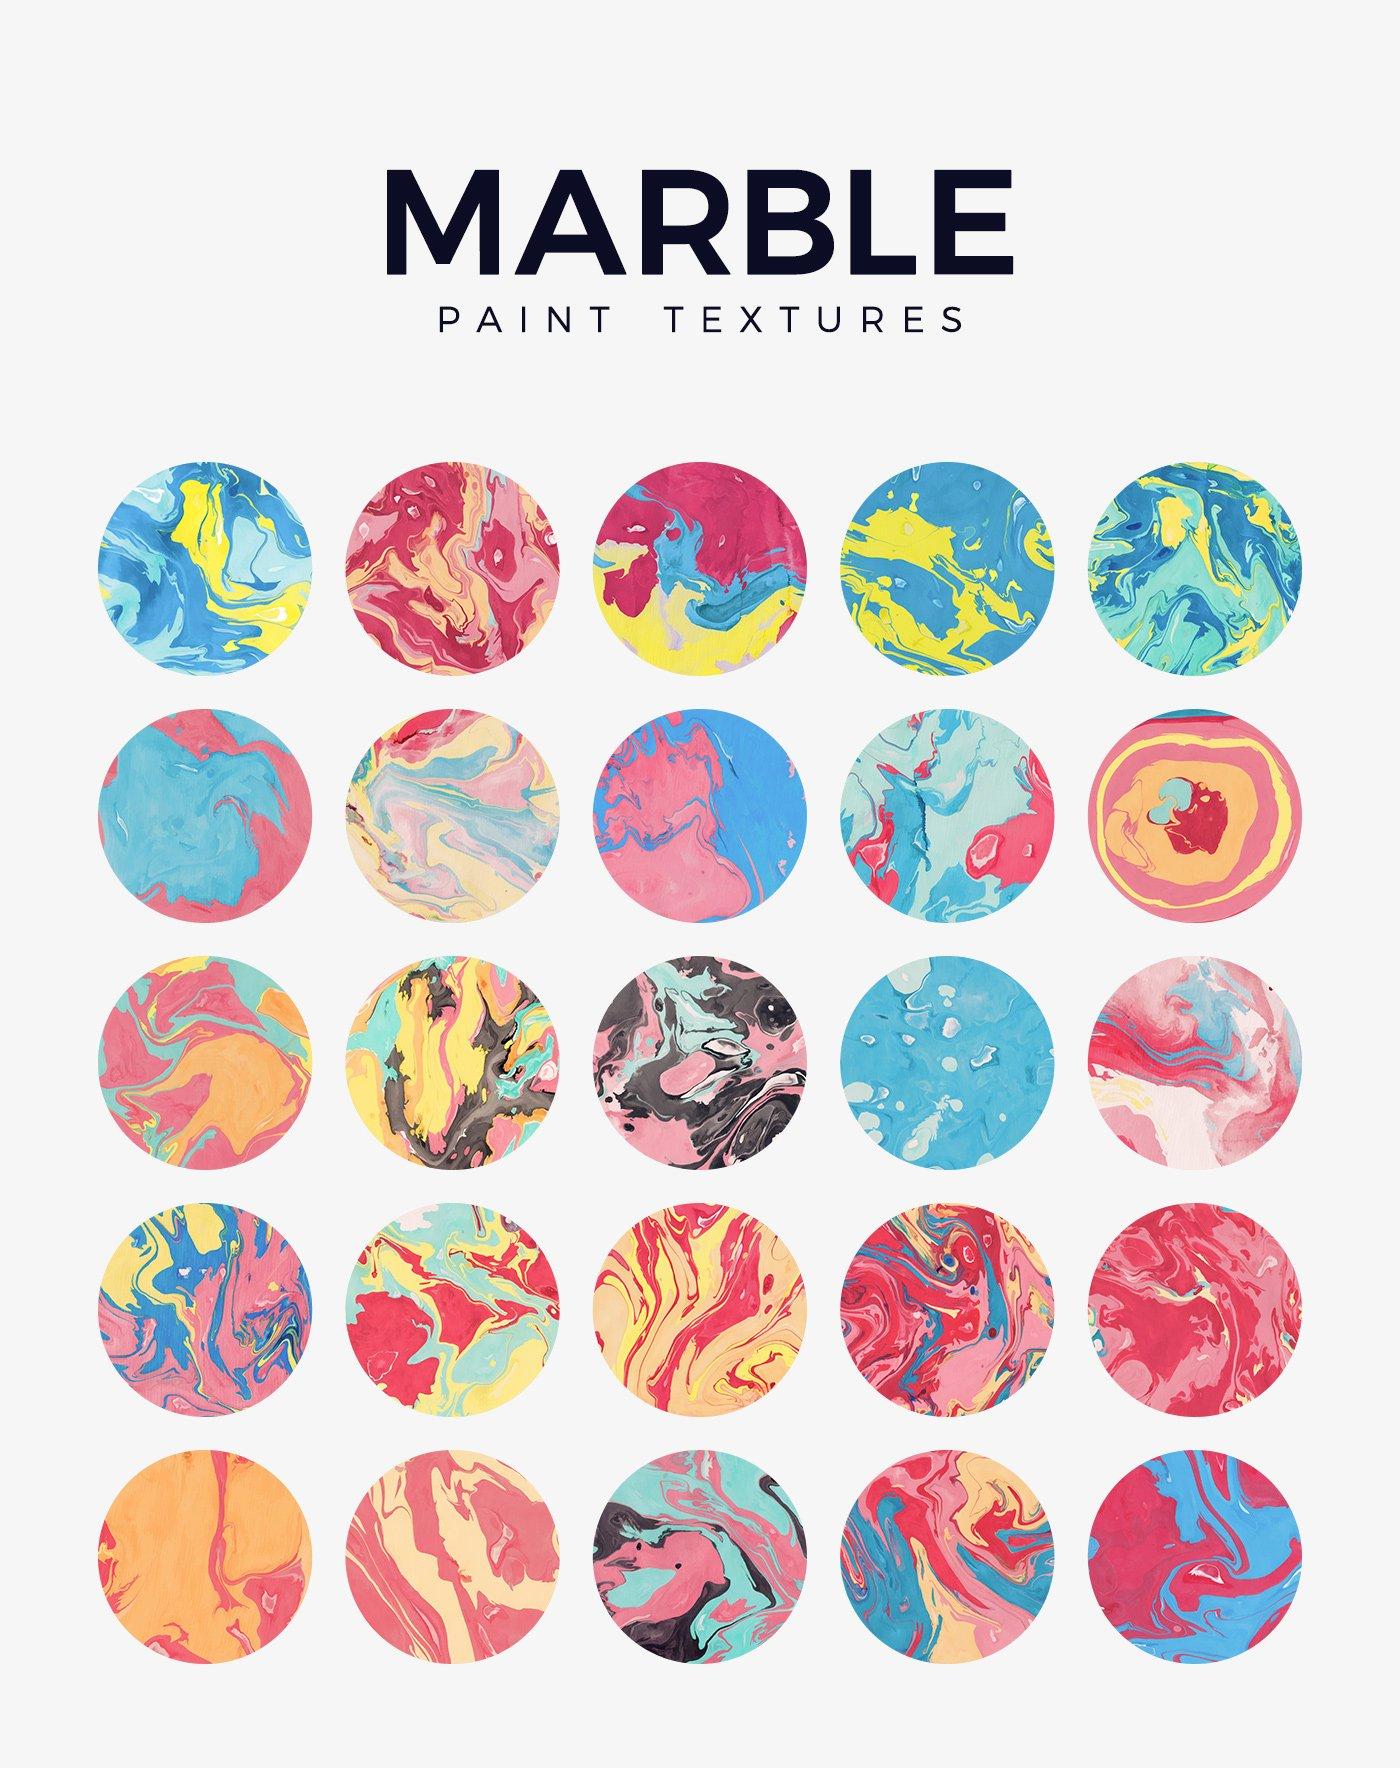 50款高清炫彩液体流动大理石装饰背景纹理图片素材 Marble Paint Textures & Backgrounds插图(5)